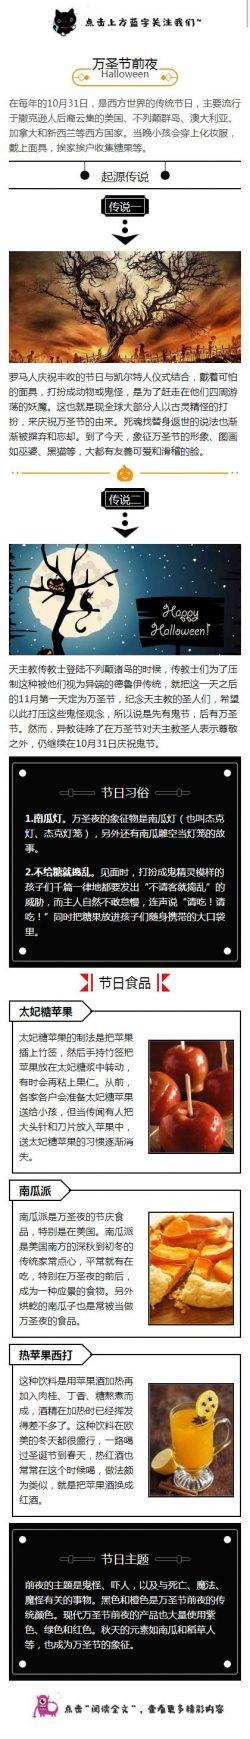 万圣节前夜传统节日微信图文消息推送模板